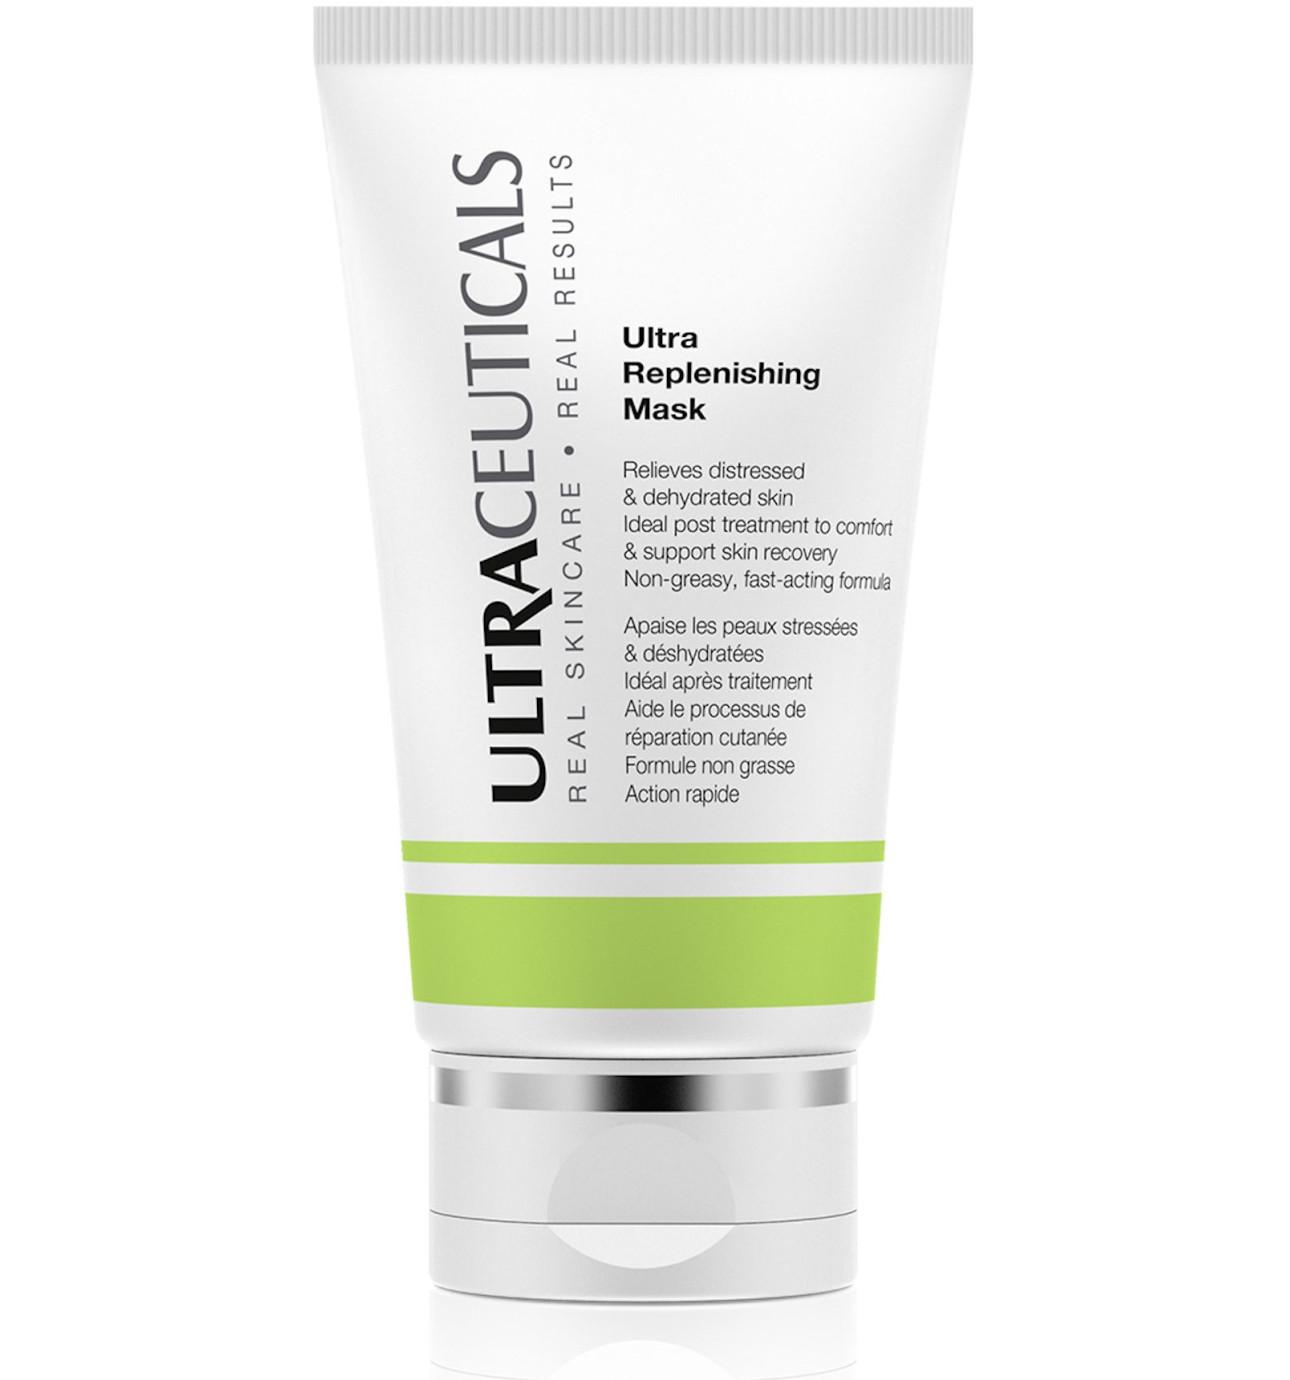 Ultraceuticals Ultra Replenishing Mask.jpg